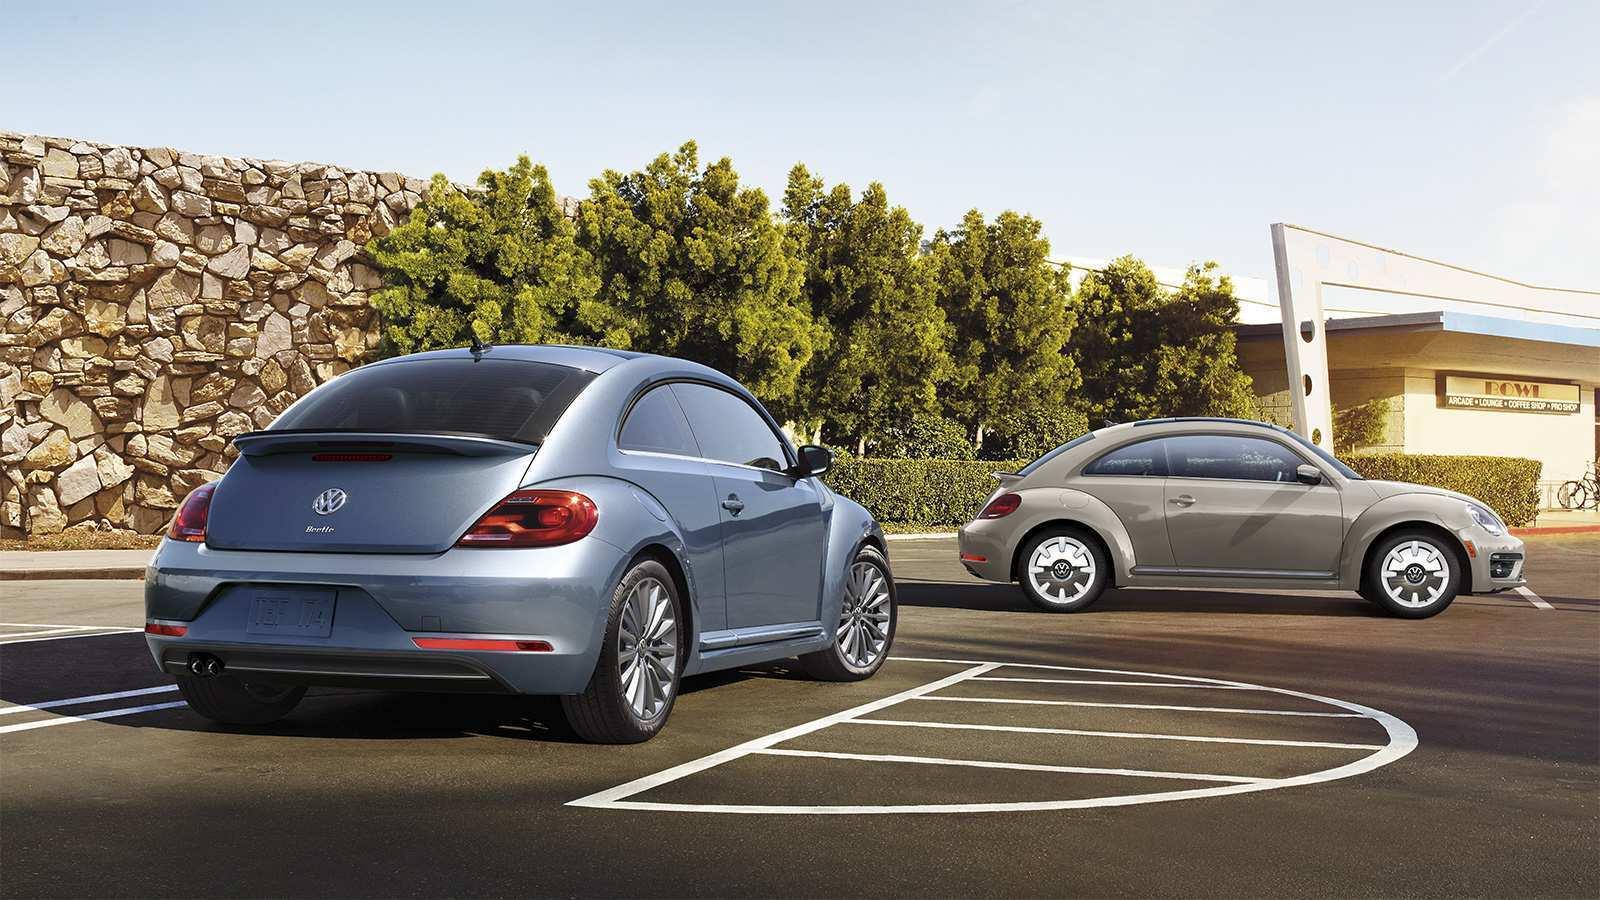 30 Best Review Best Volkswagen Beetle Convertible 2019 New Review Concept for Best Volkswagen Beetle Convertible 2019 New Review